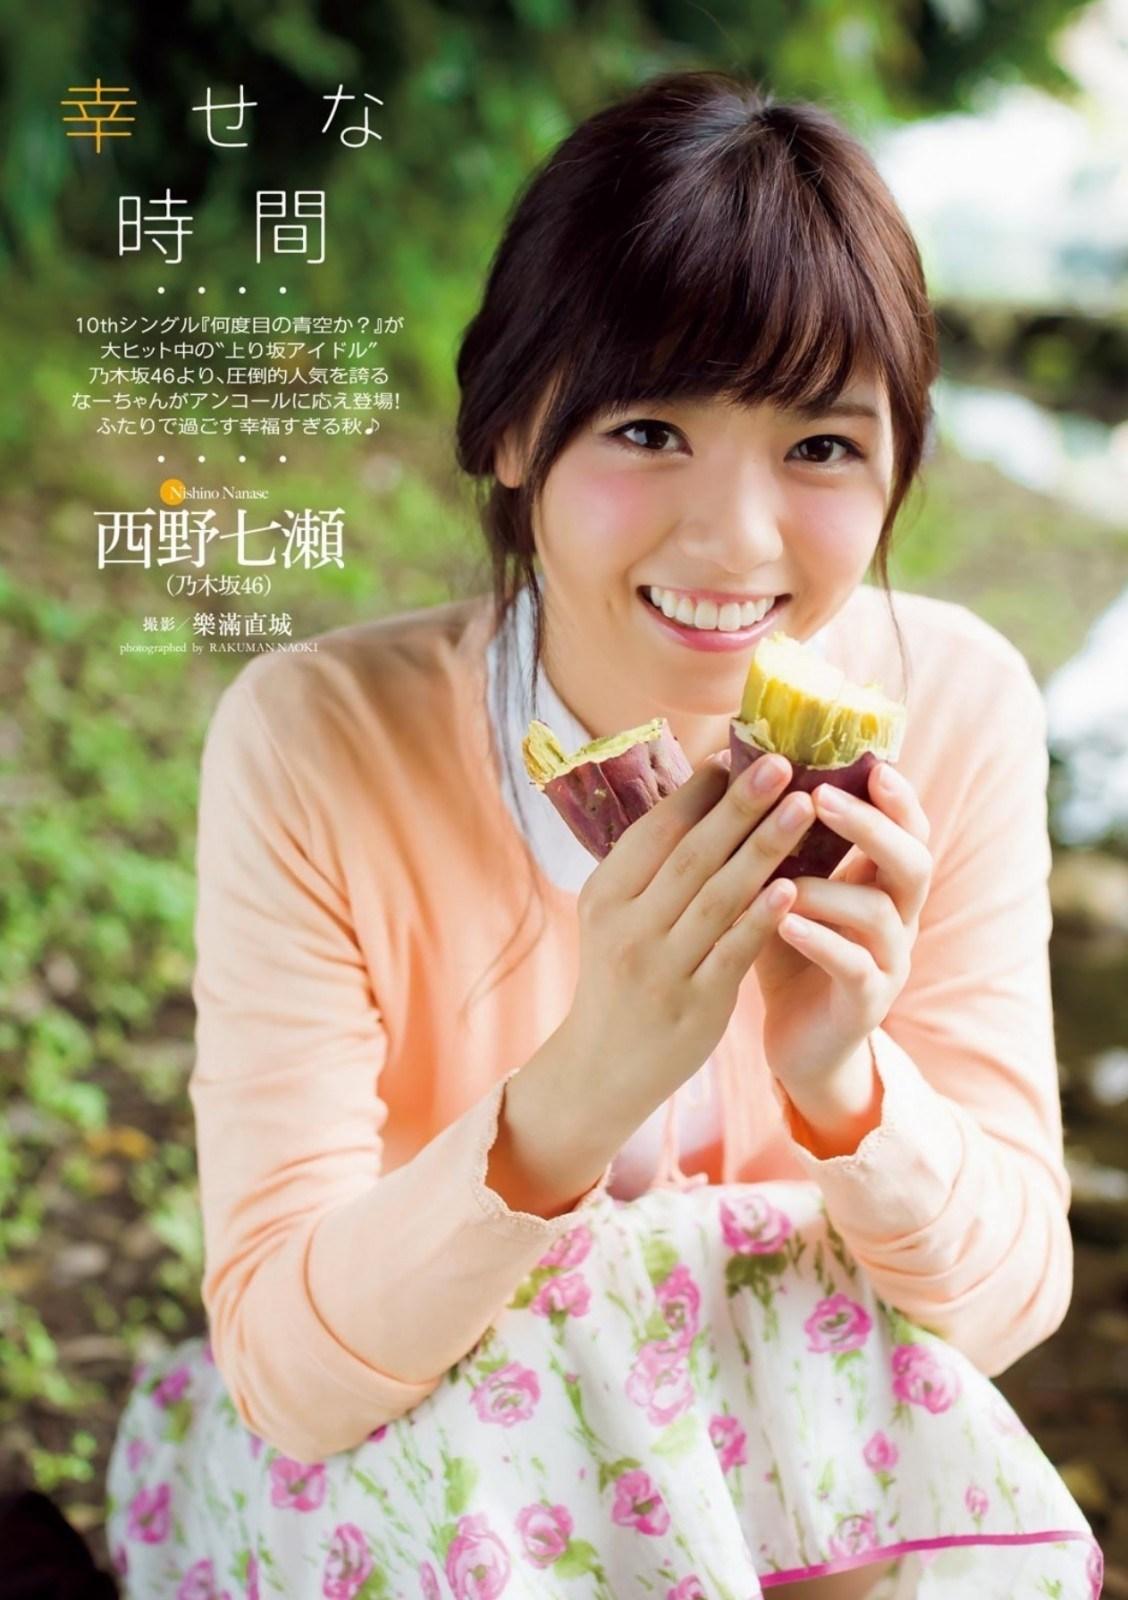 nishino_nanase060.jpg